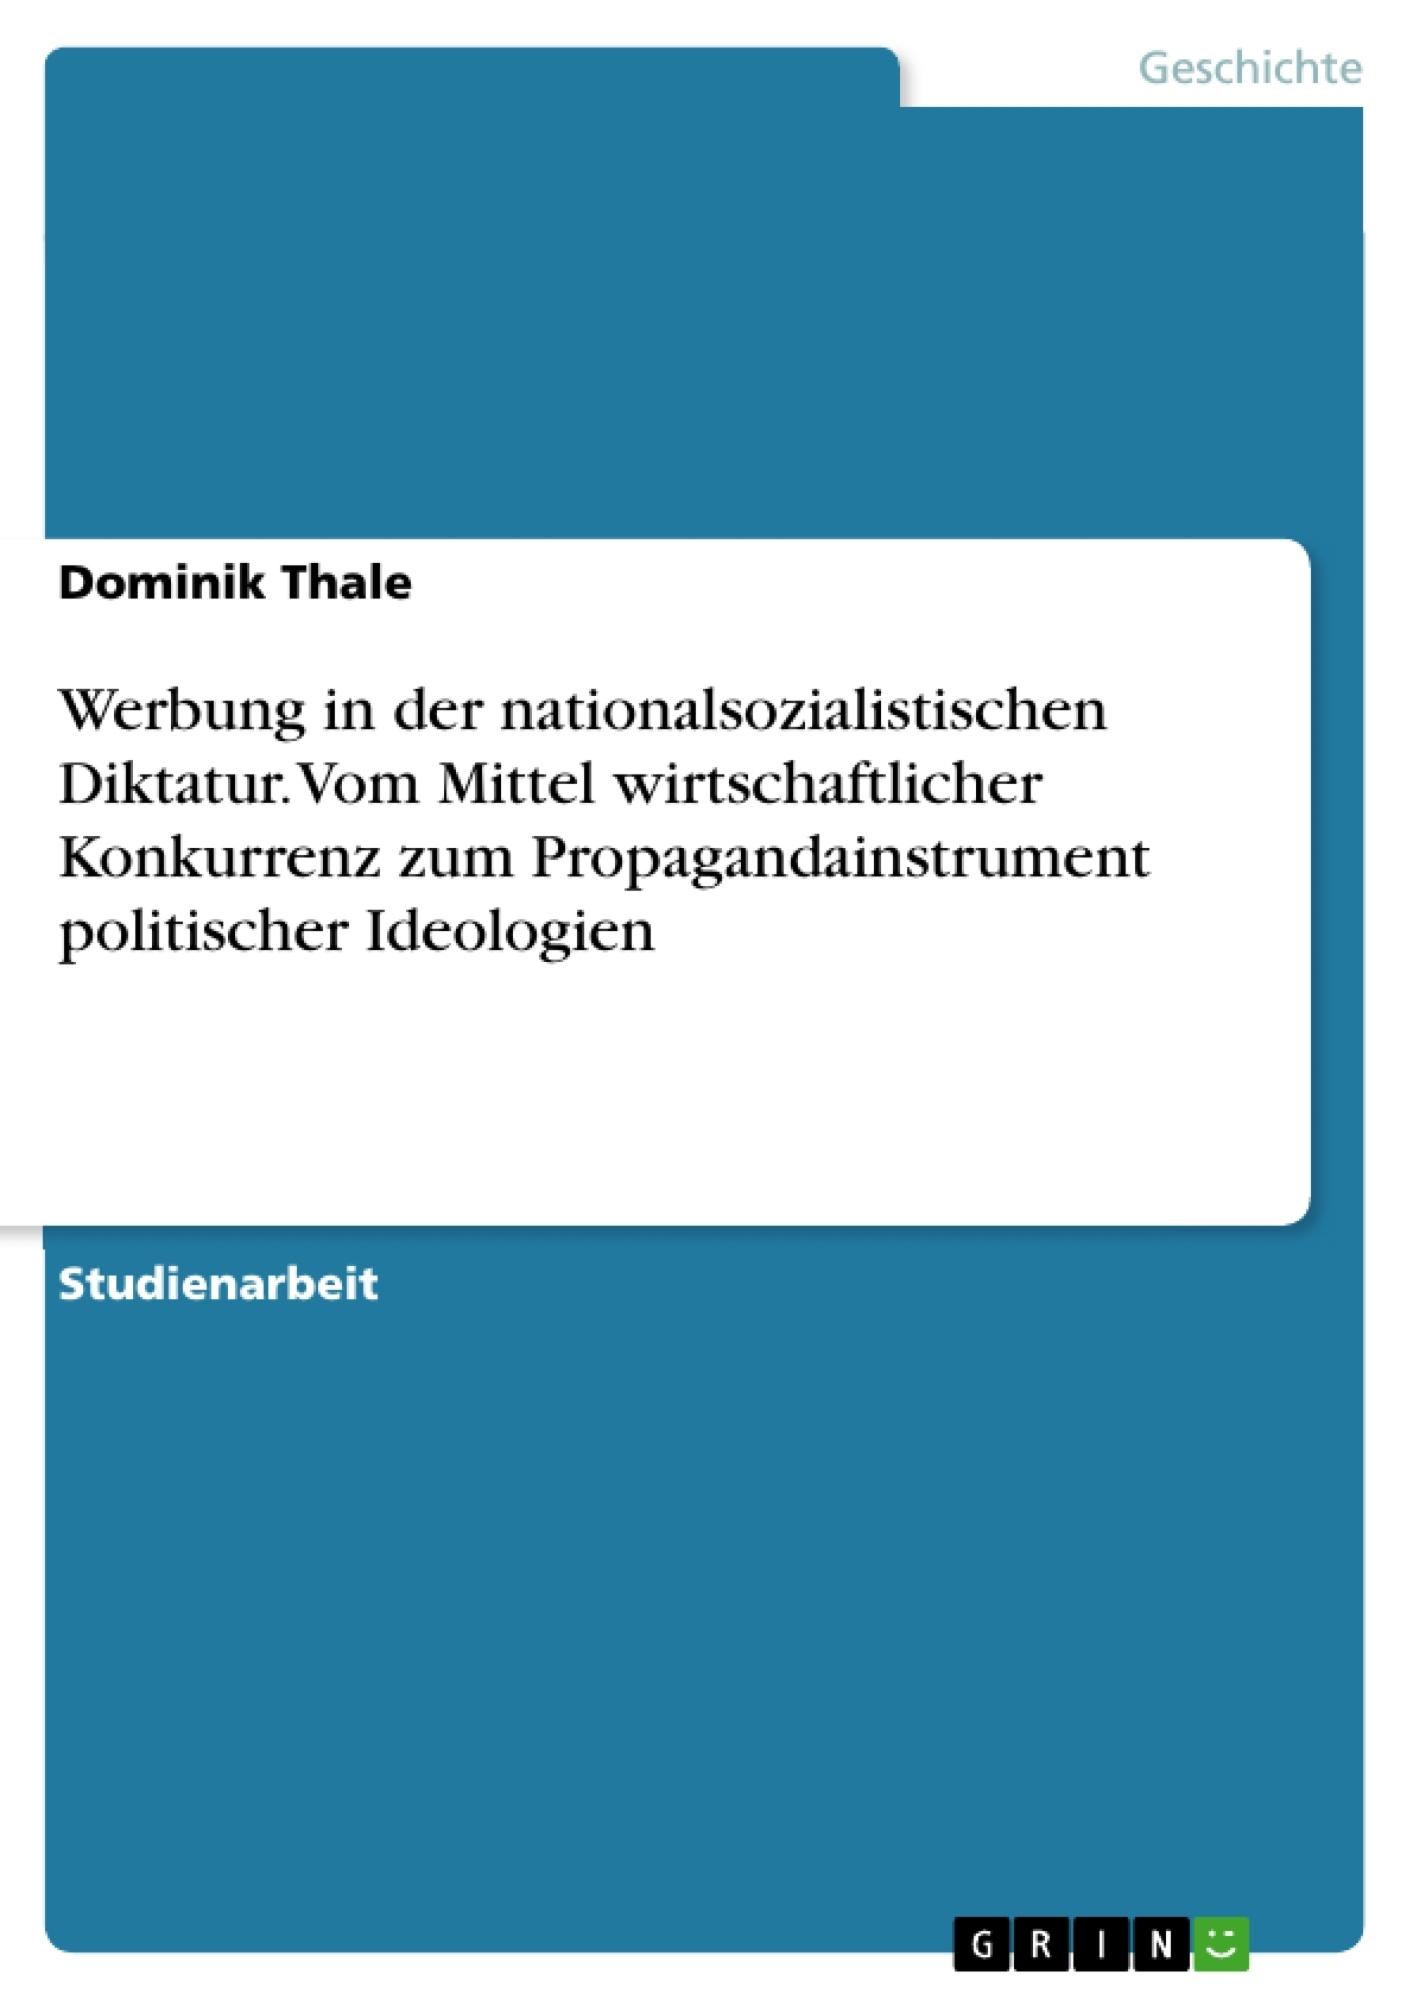 Titel: Werbung in der nationalsozialistischen Diktatur. Vom Mittel wirtschaftlicher Konkurrenz zum Propagandainstrument politischer Ideologien